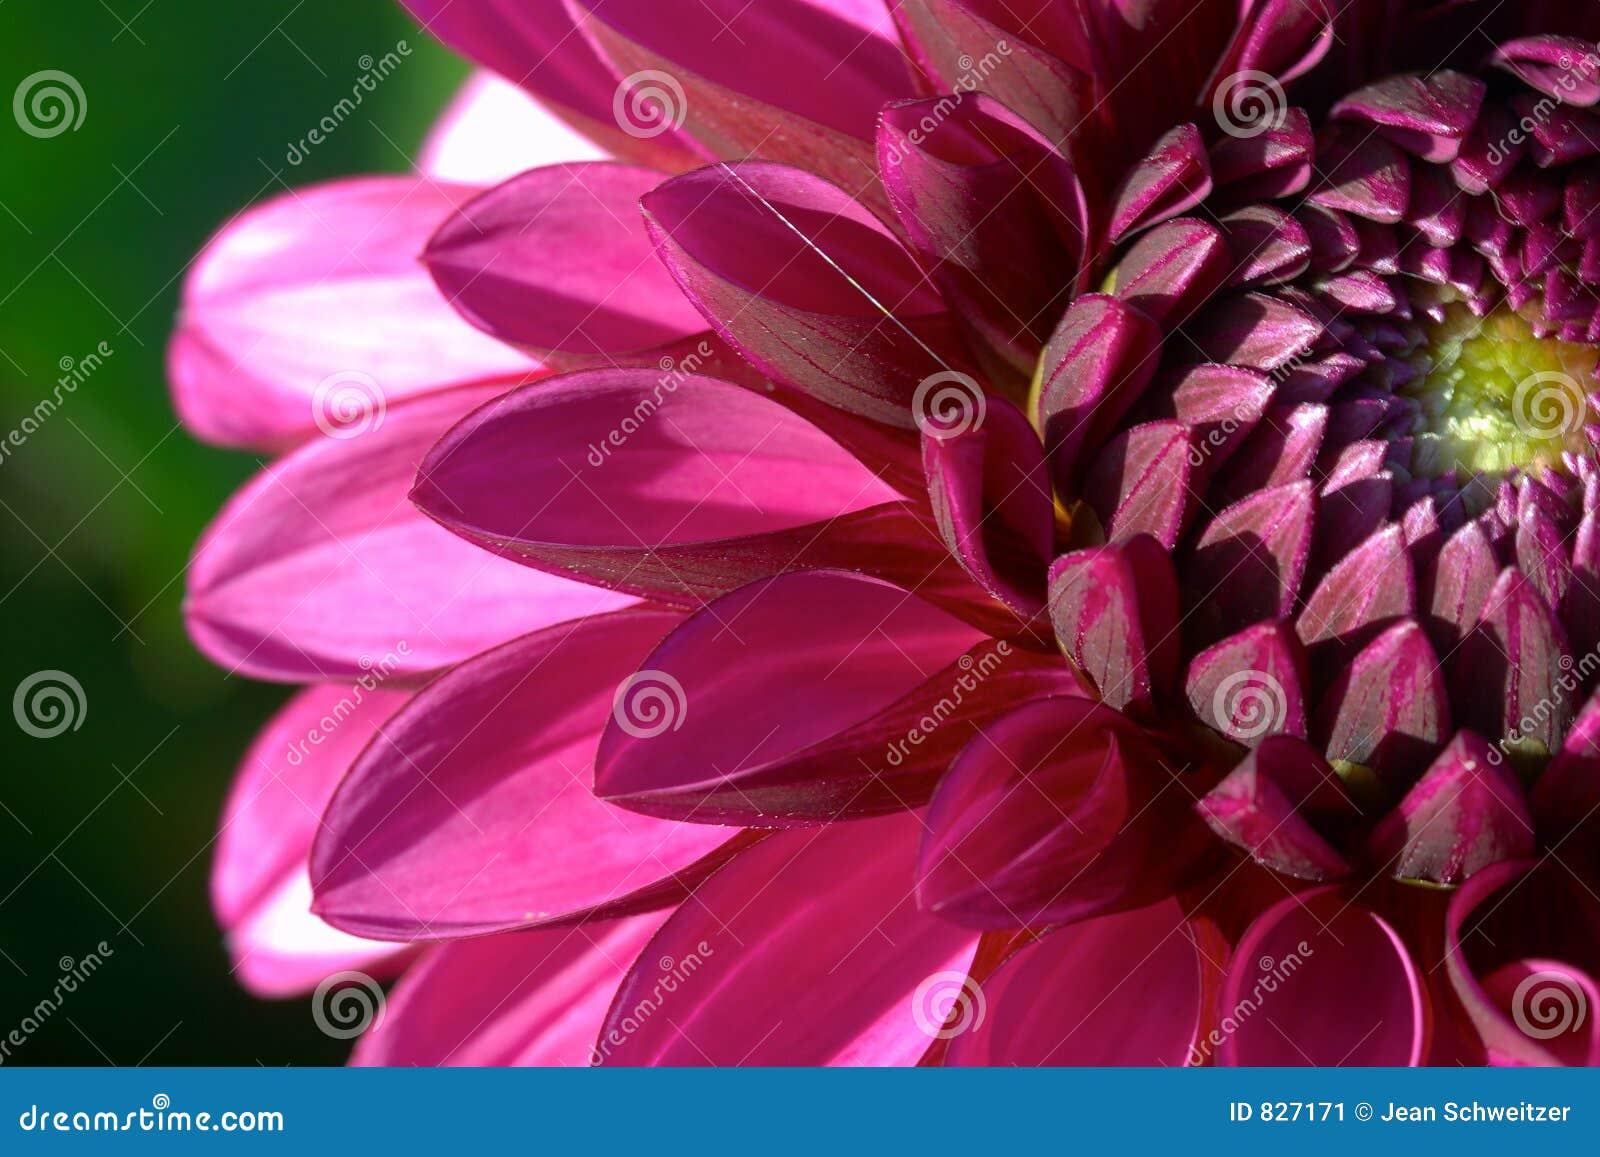 De bloemclose-up van de dahlia